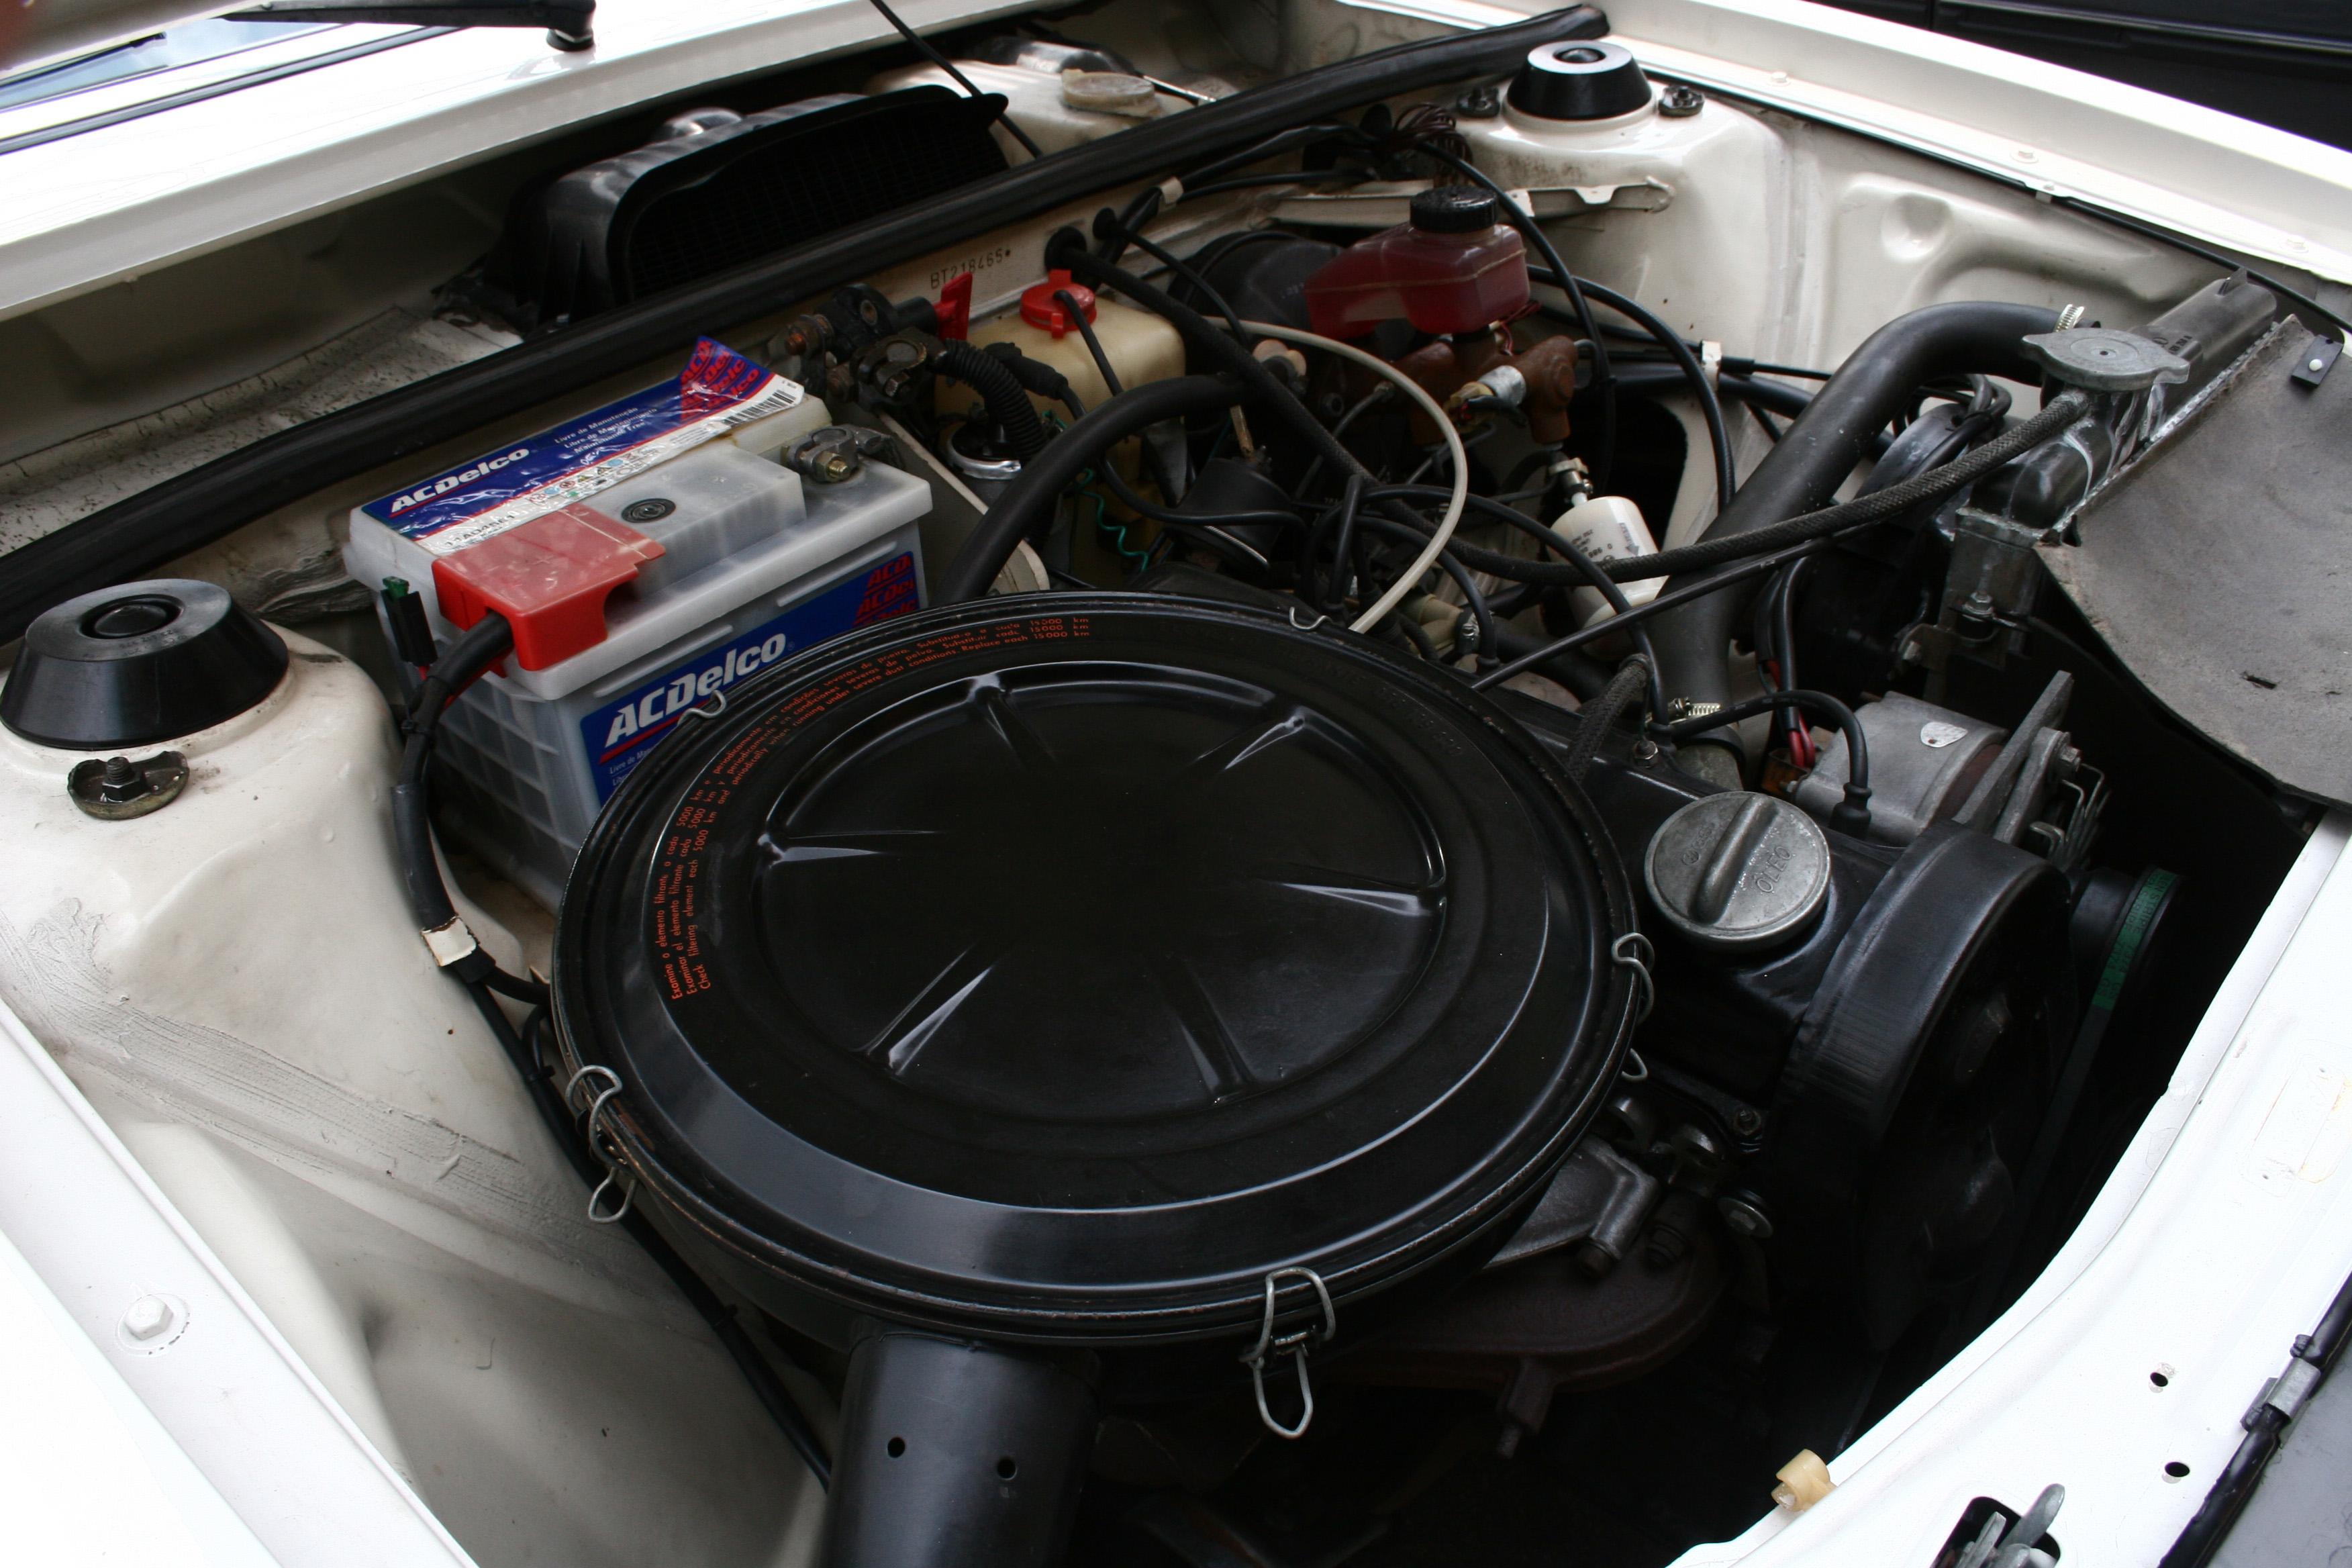 Motor do Passat TS, modelo 1978 da Volkswagen, testado pela revista Quatro Rodas.